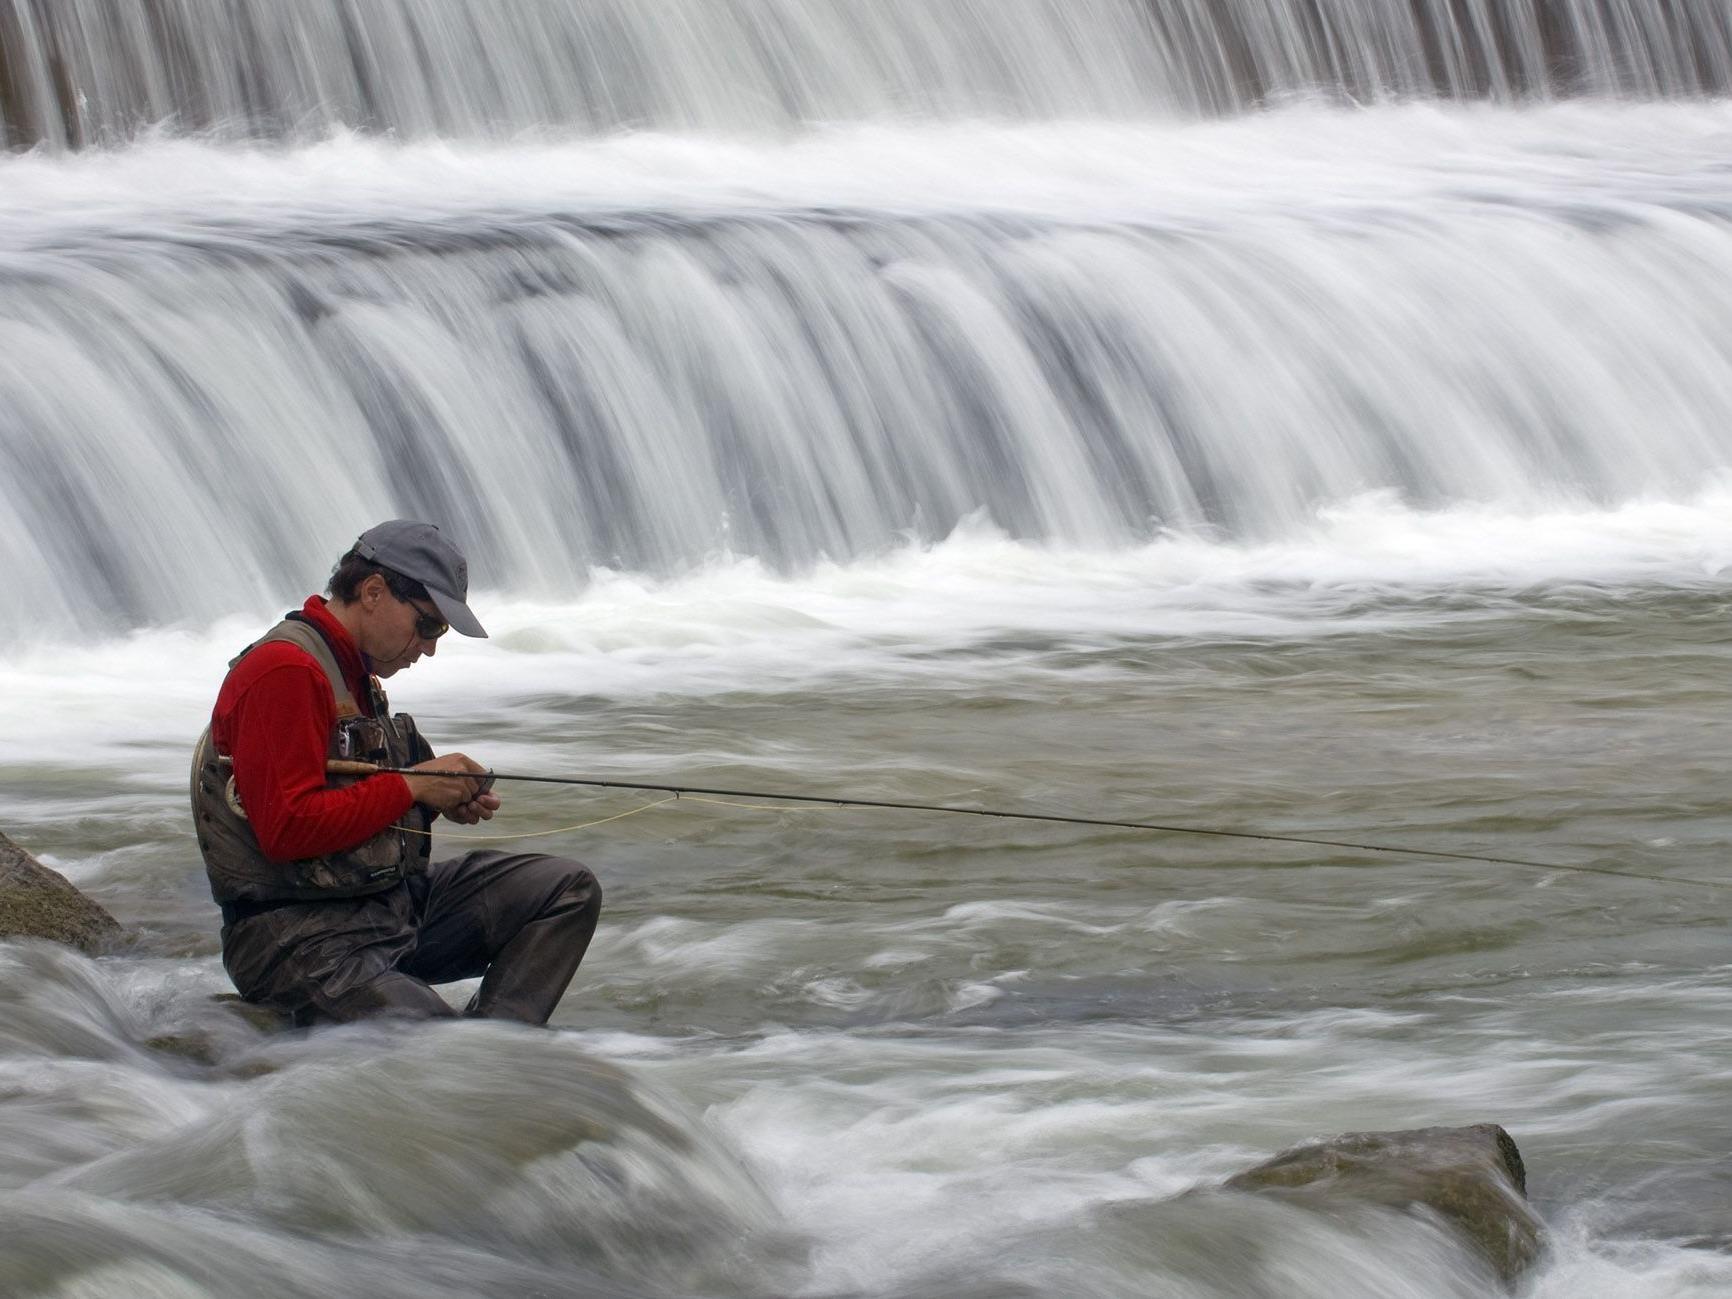 Fliegenfischen bedeutet ein gewisses Verständnis für die Belange der Natur.